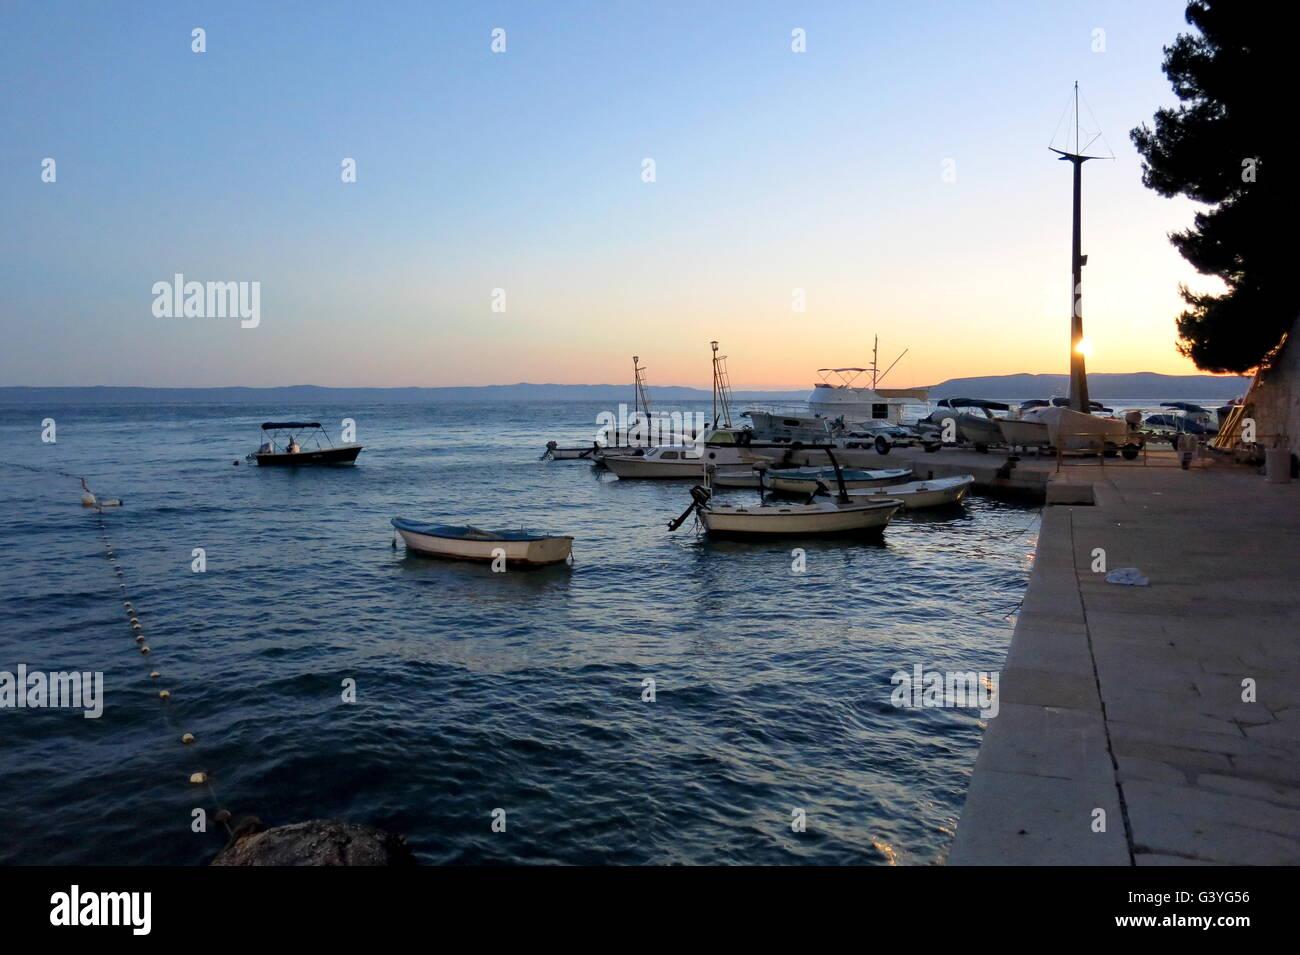 Sunset on the Adriatic sea at Makarska Croatia - Stock Image